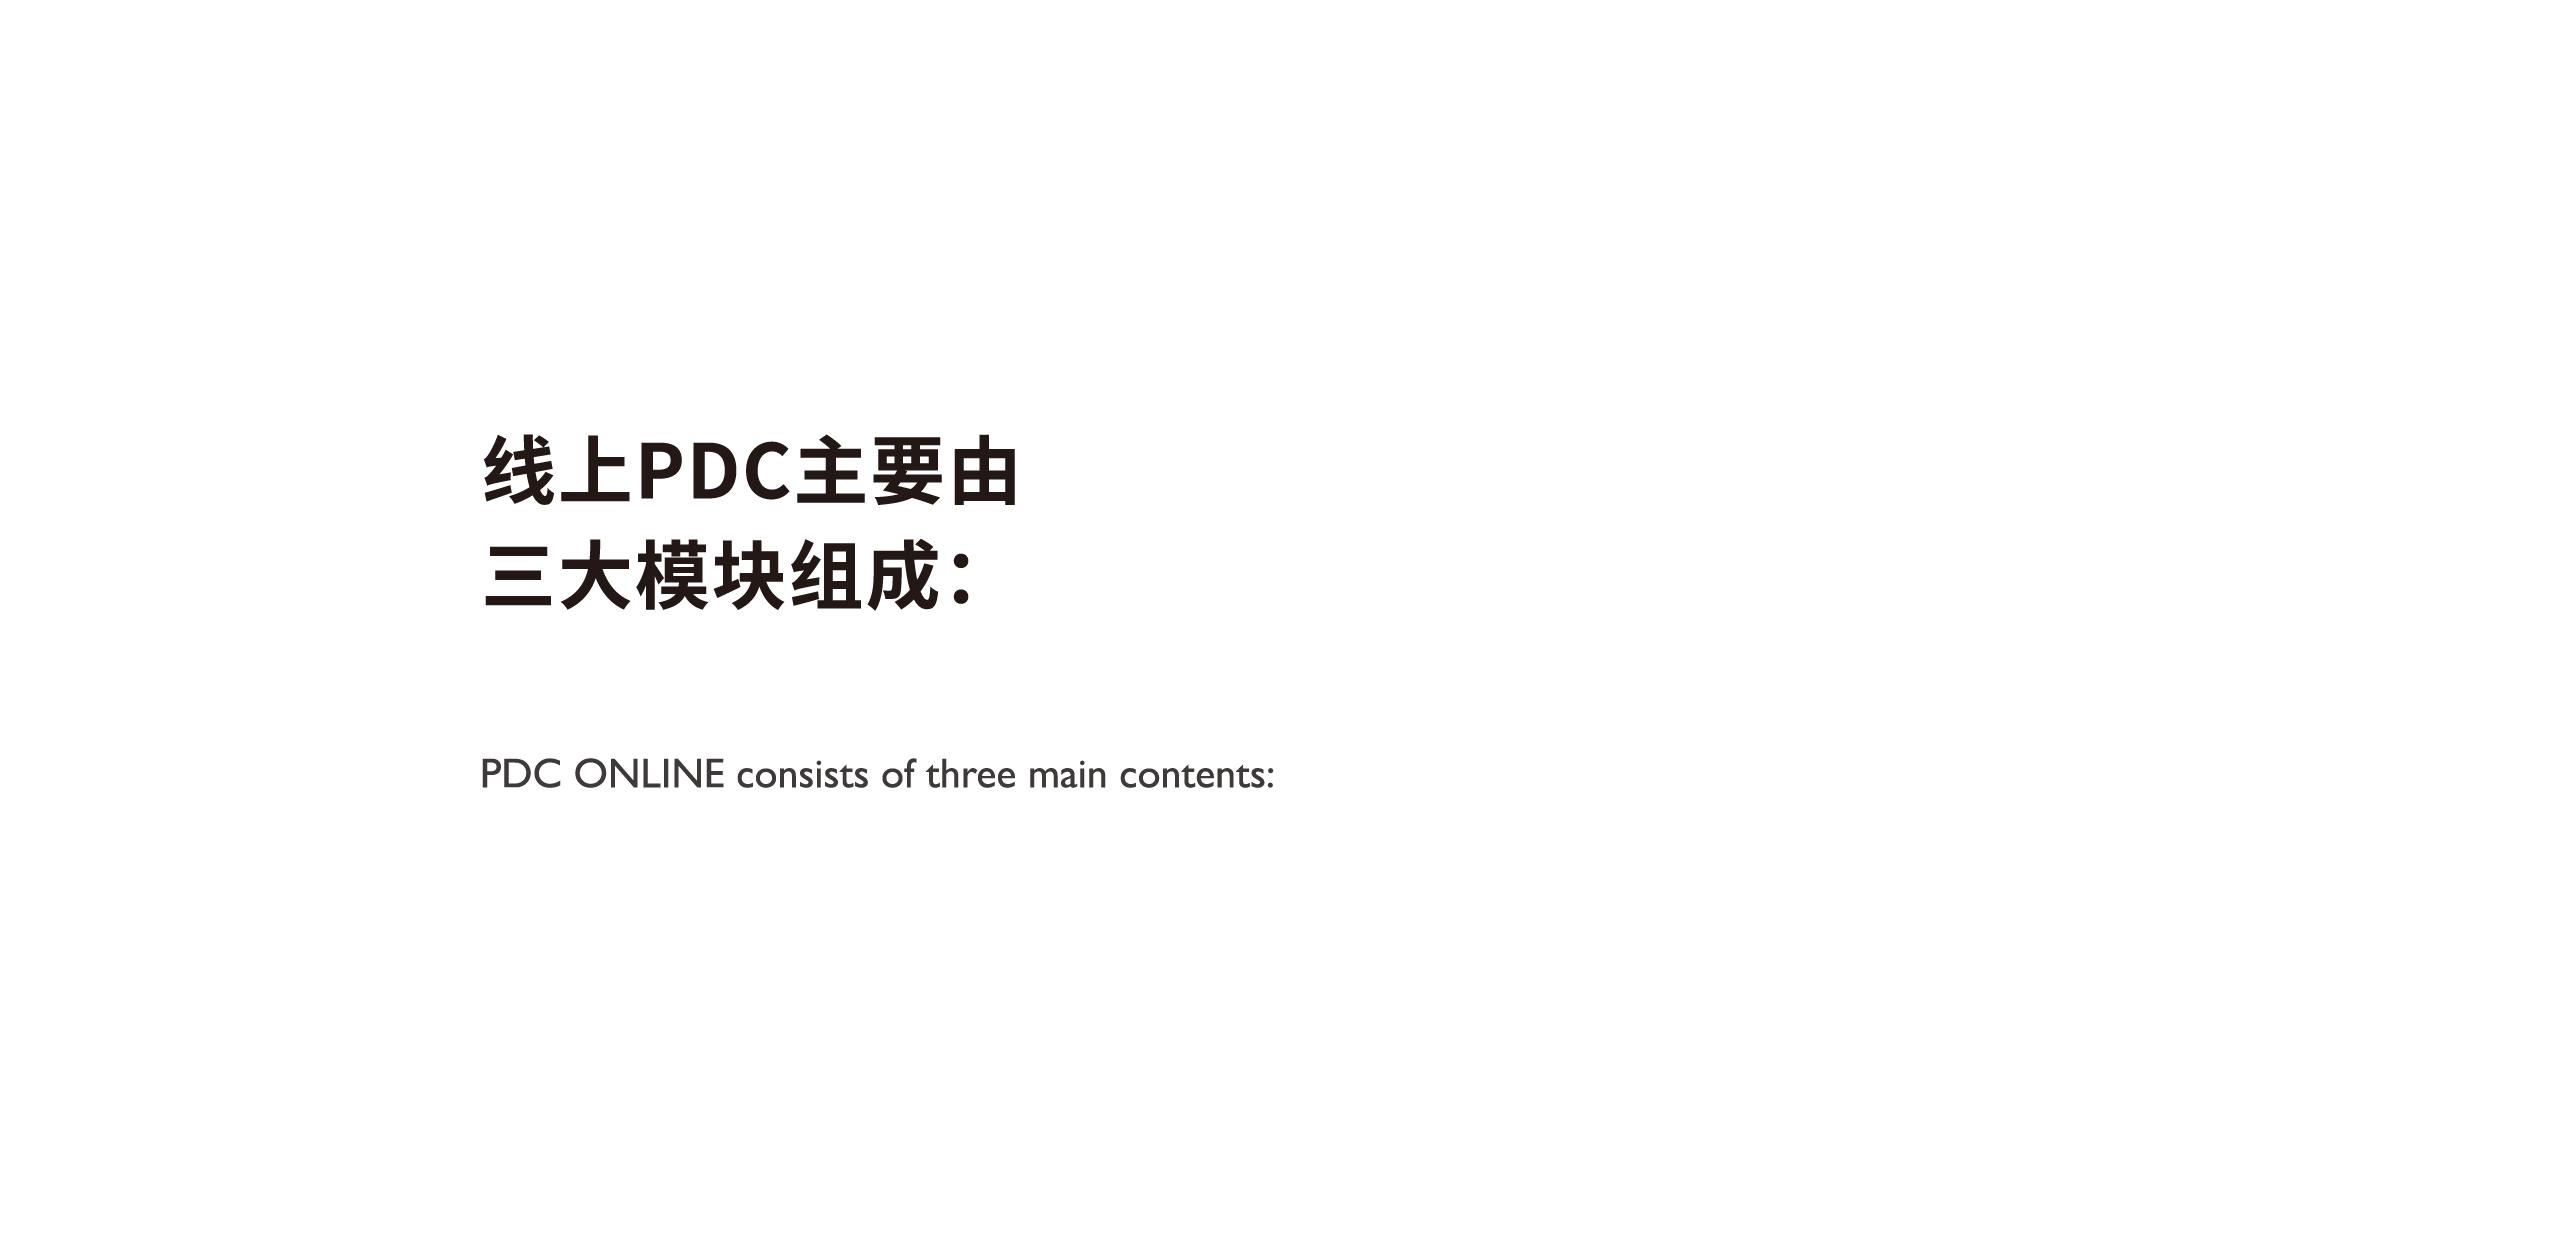 线上PDC